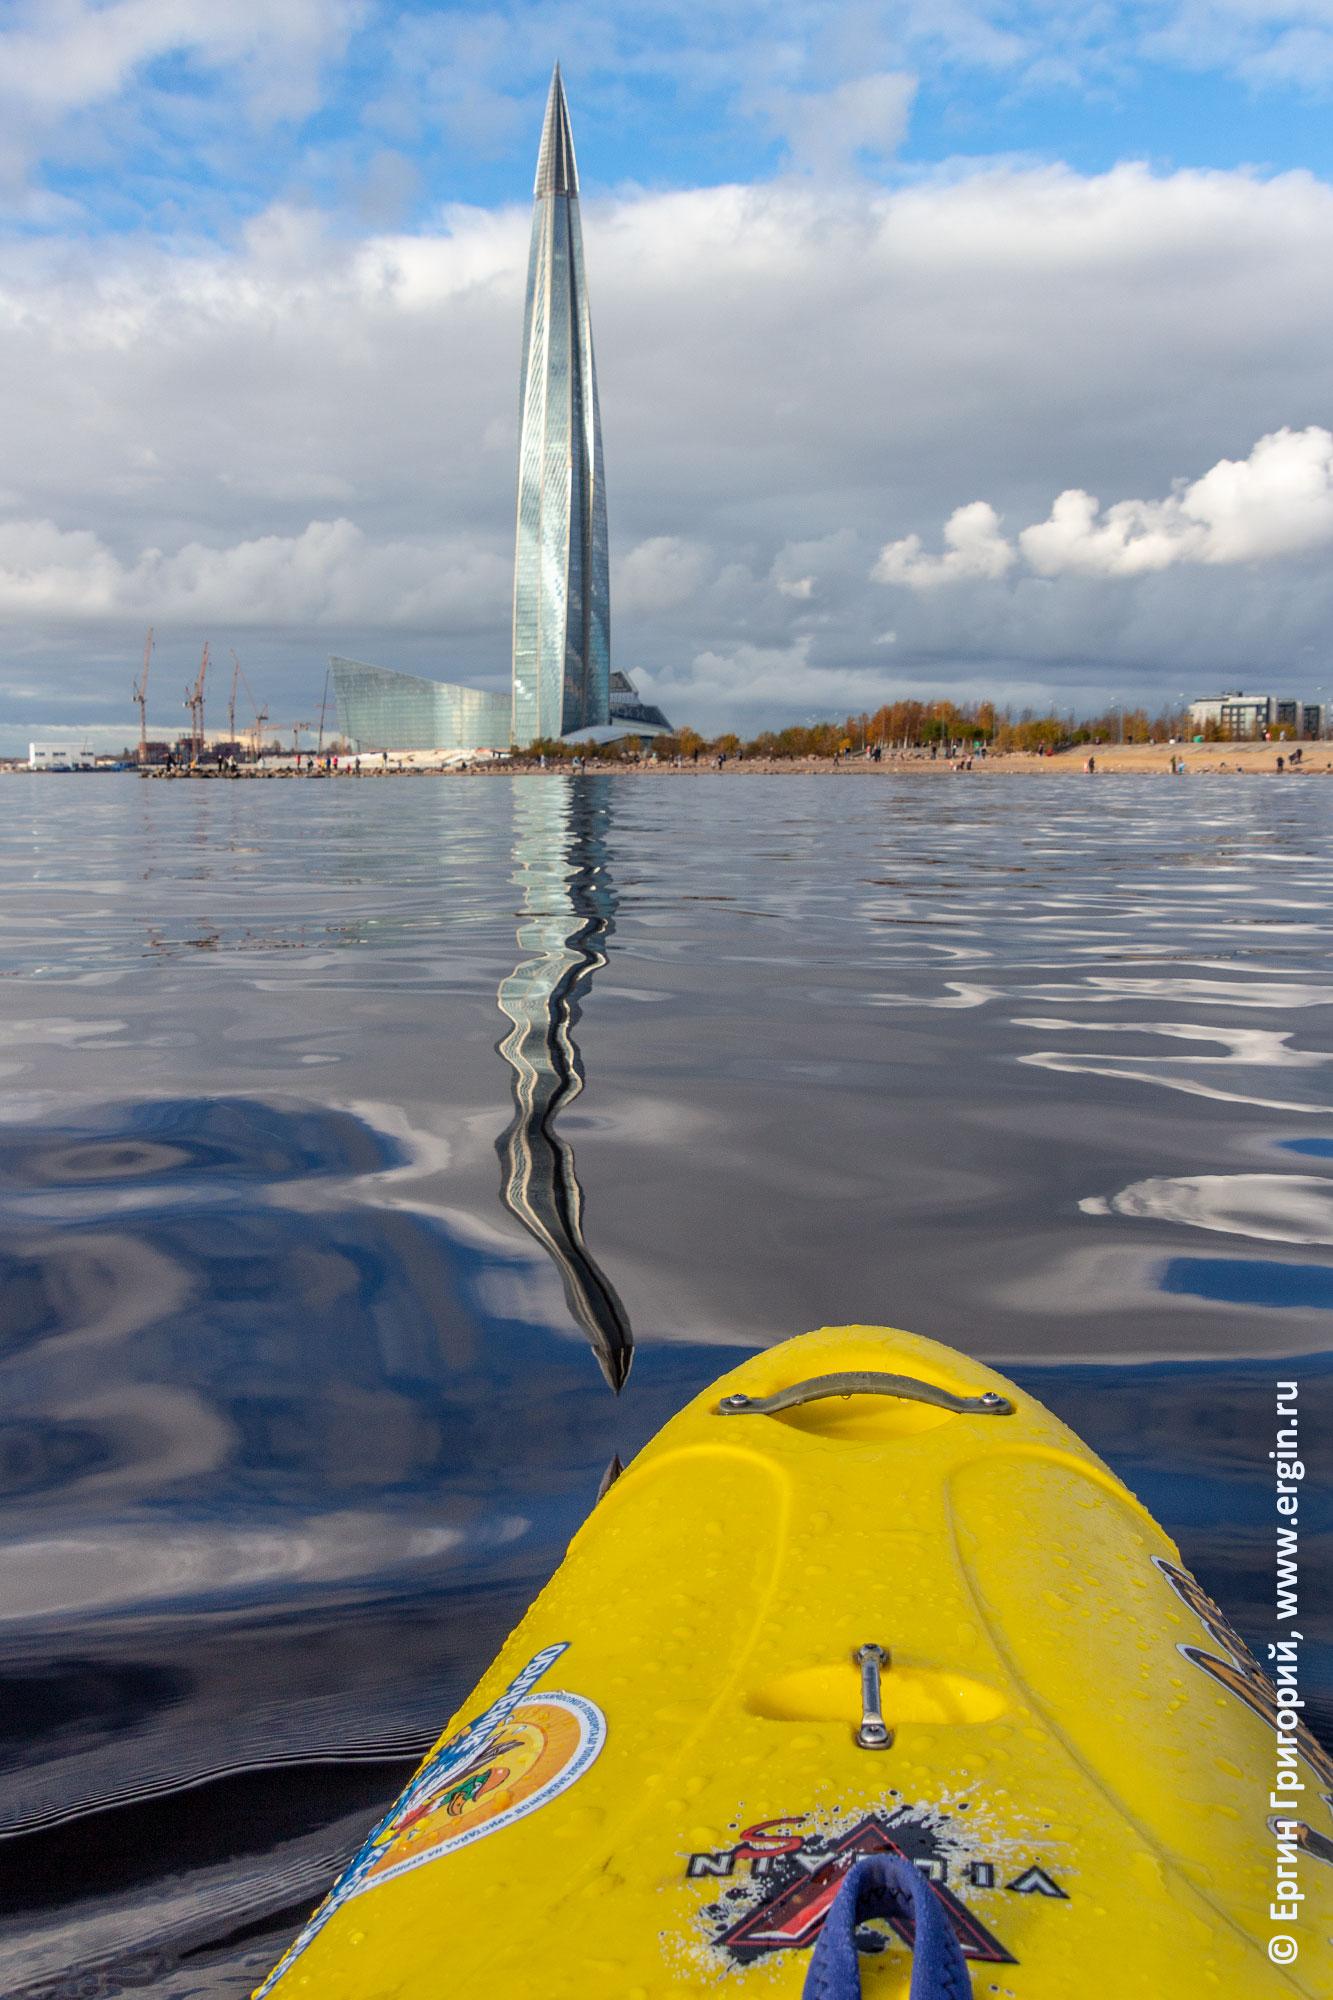 Нос каяка Невская губа в воде криво отражается башня Газпрома